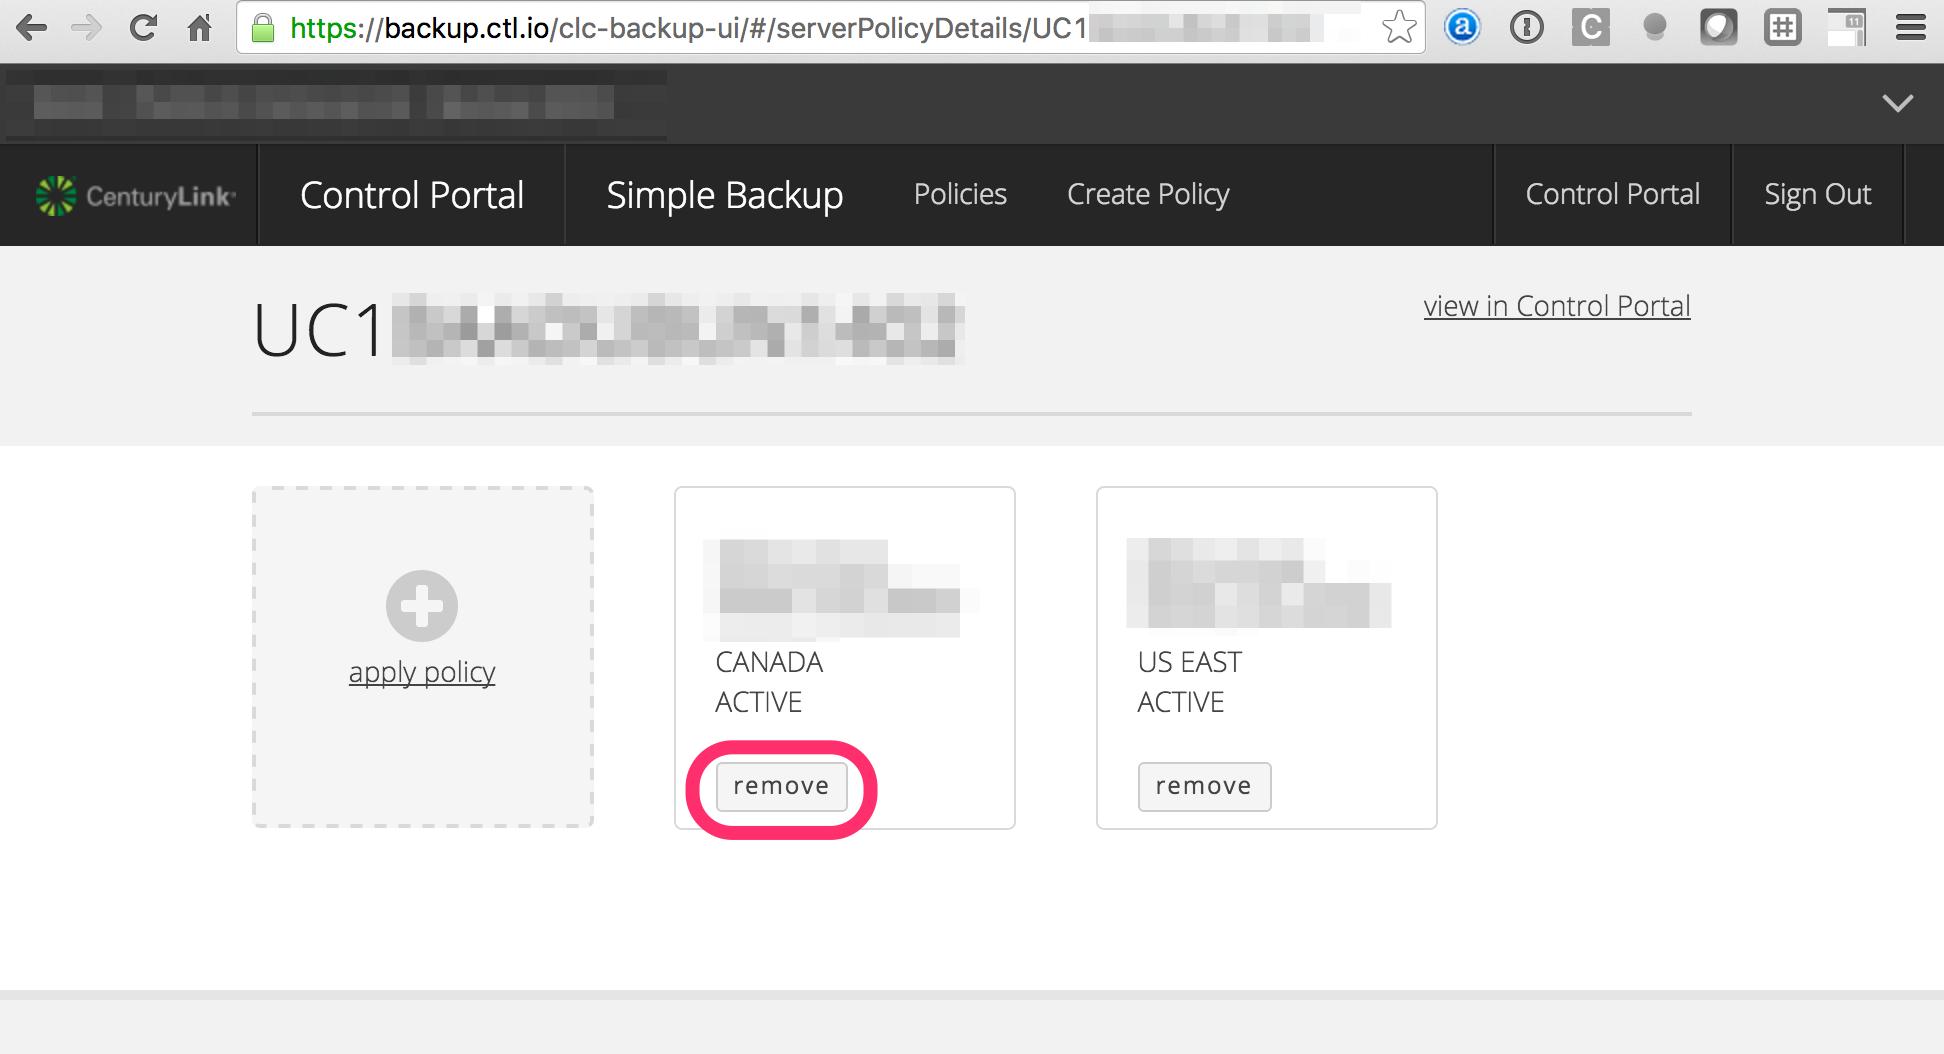 Server_Policy_Remove_Button/